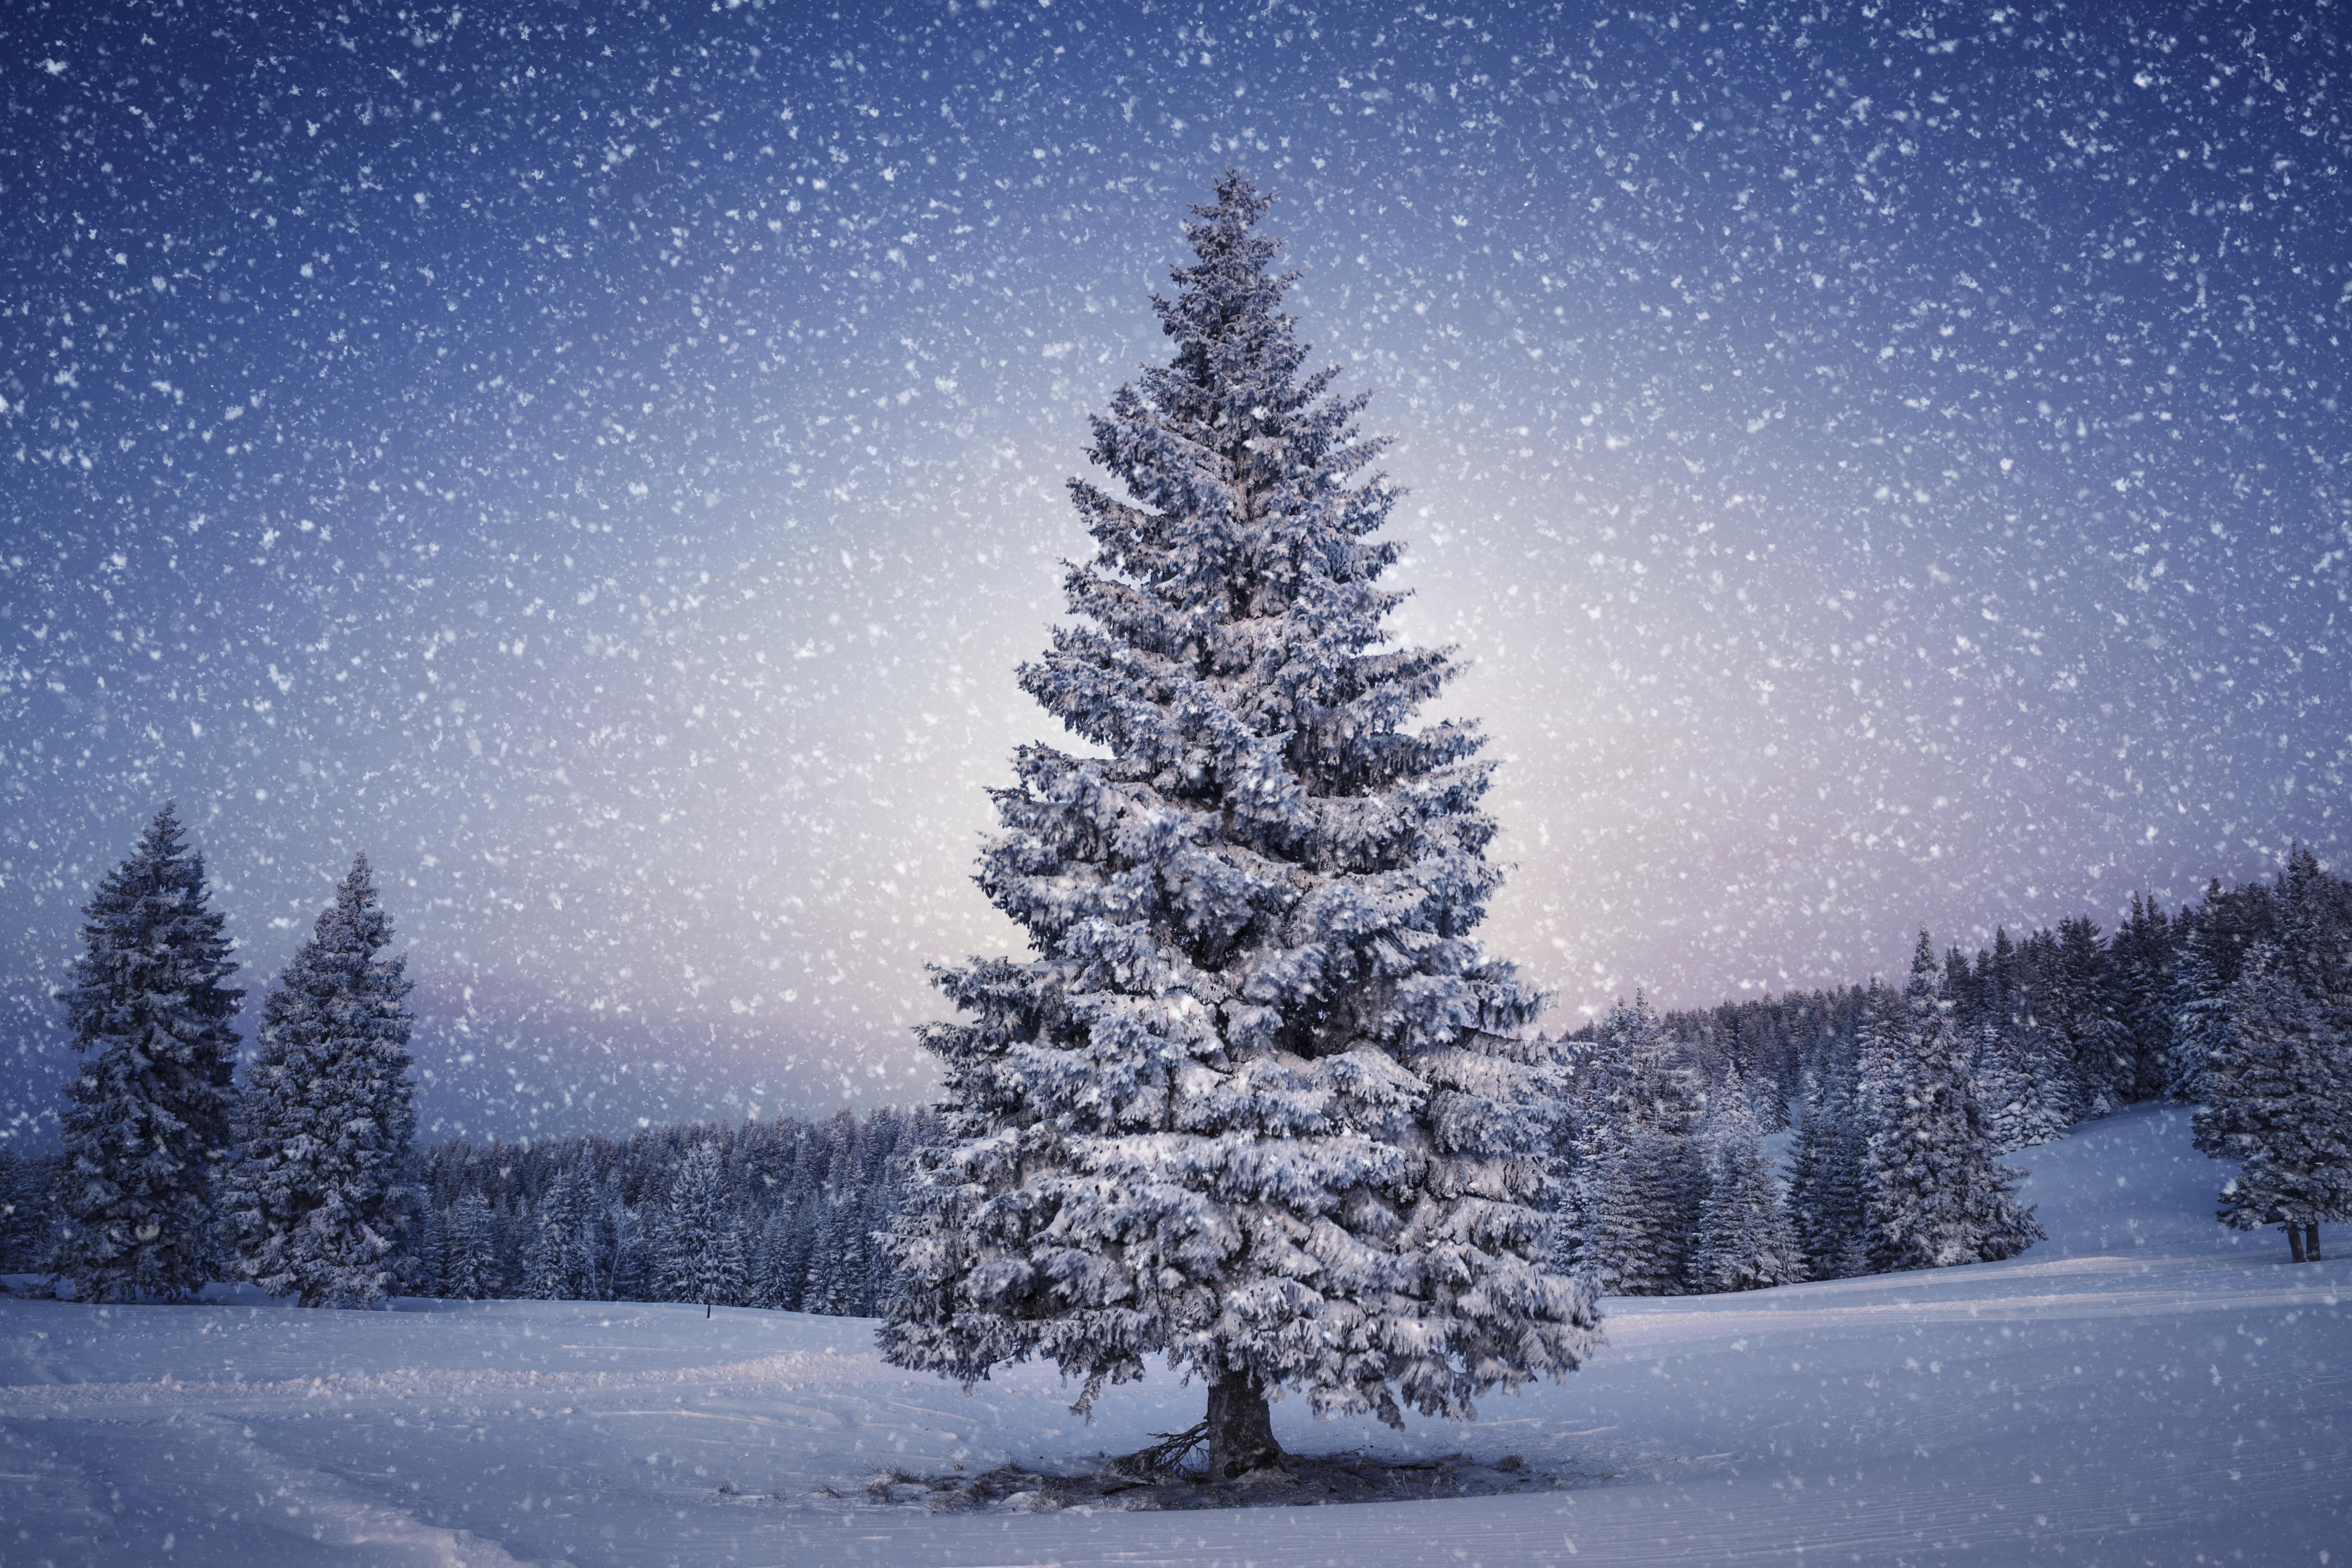 картинки новогоднего леса жучок